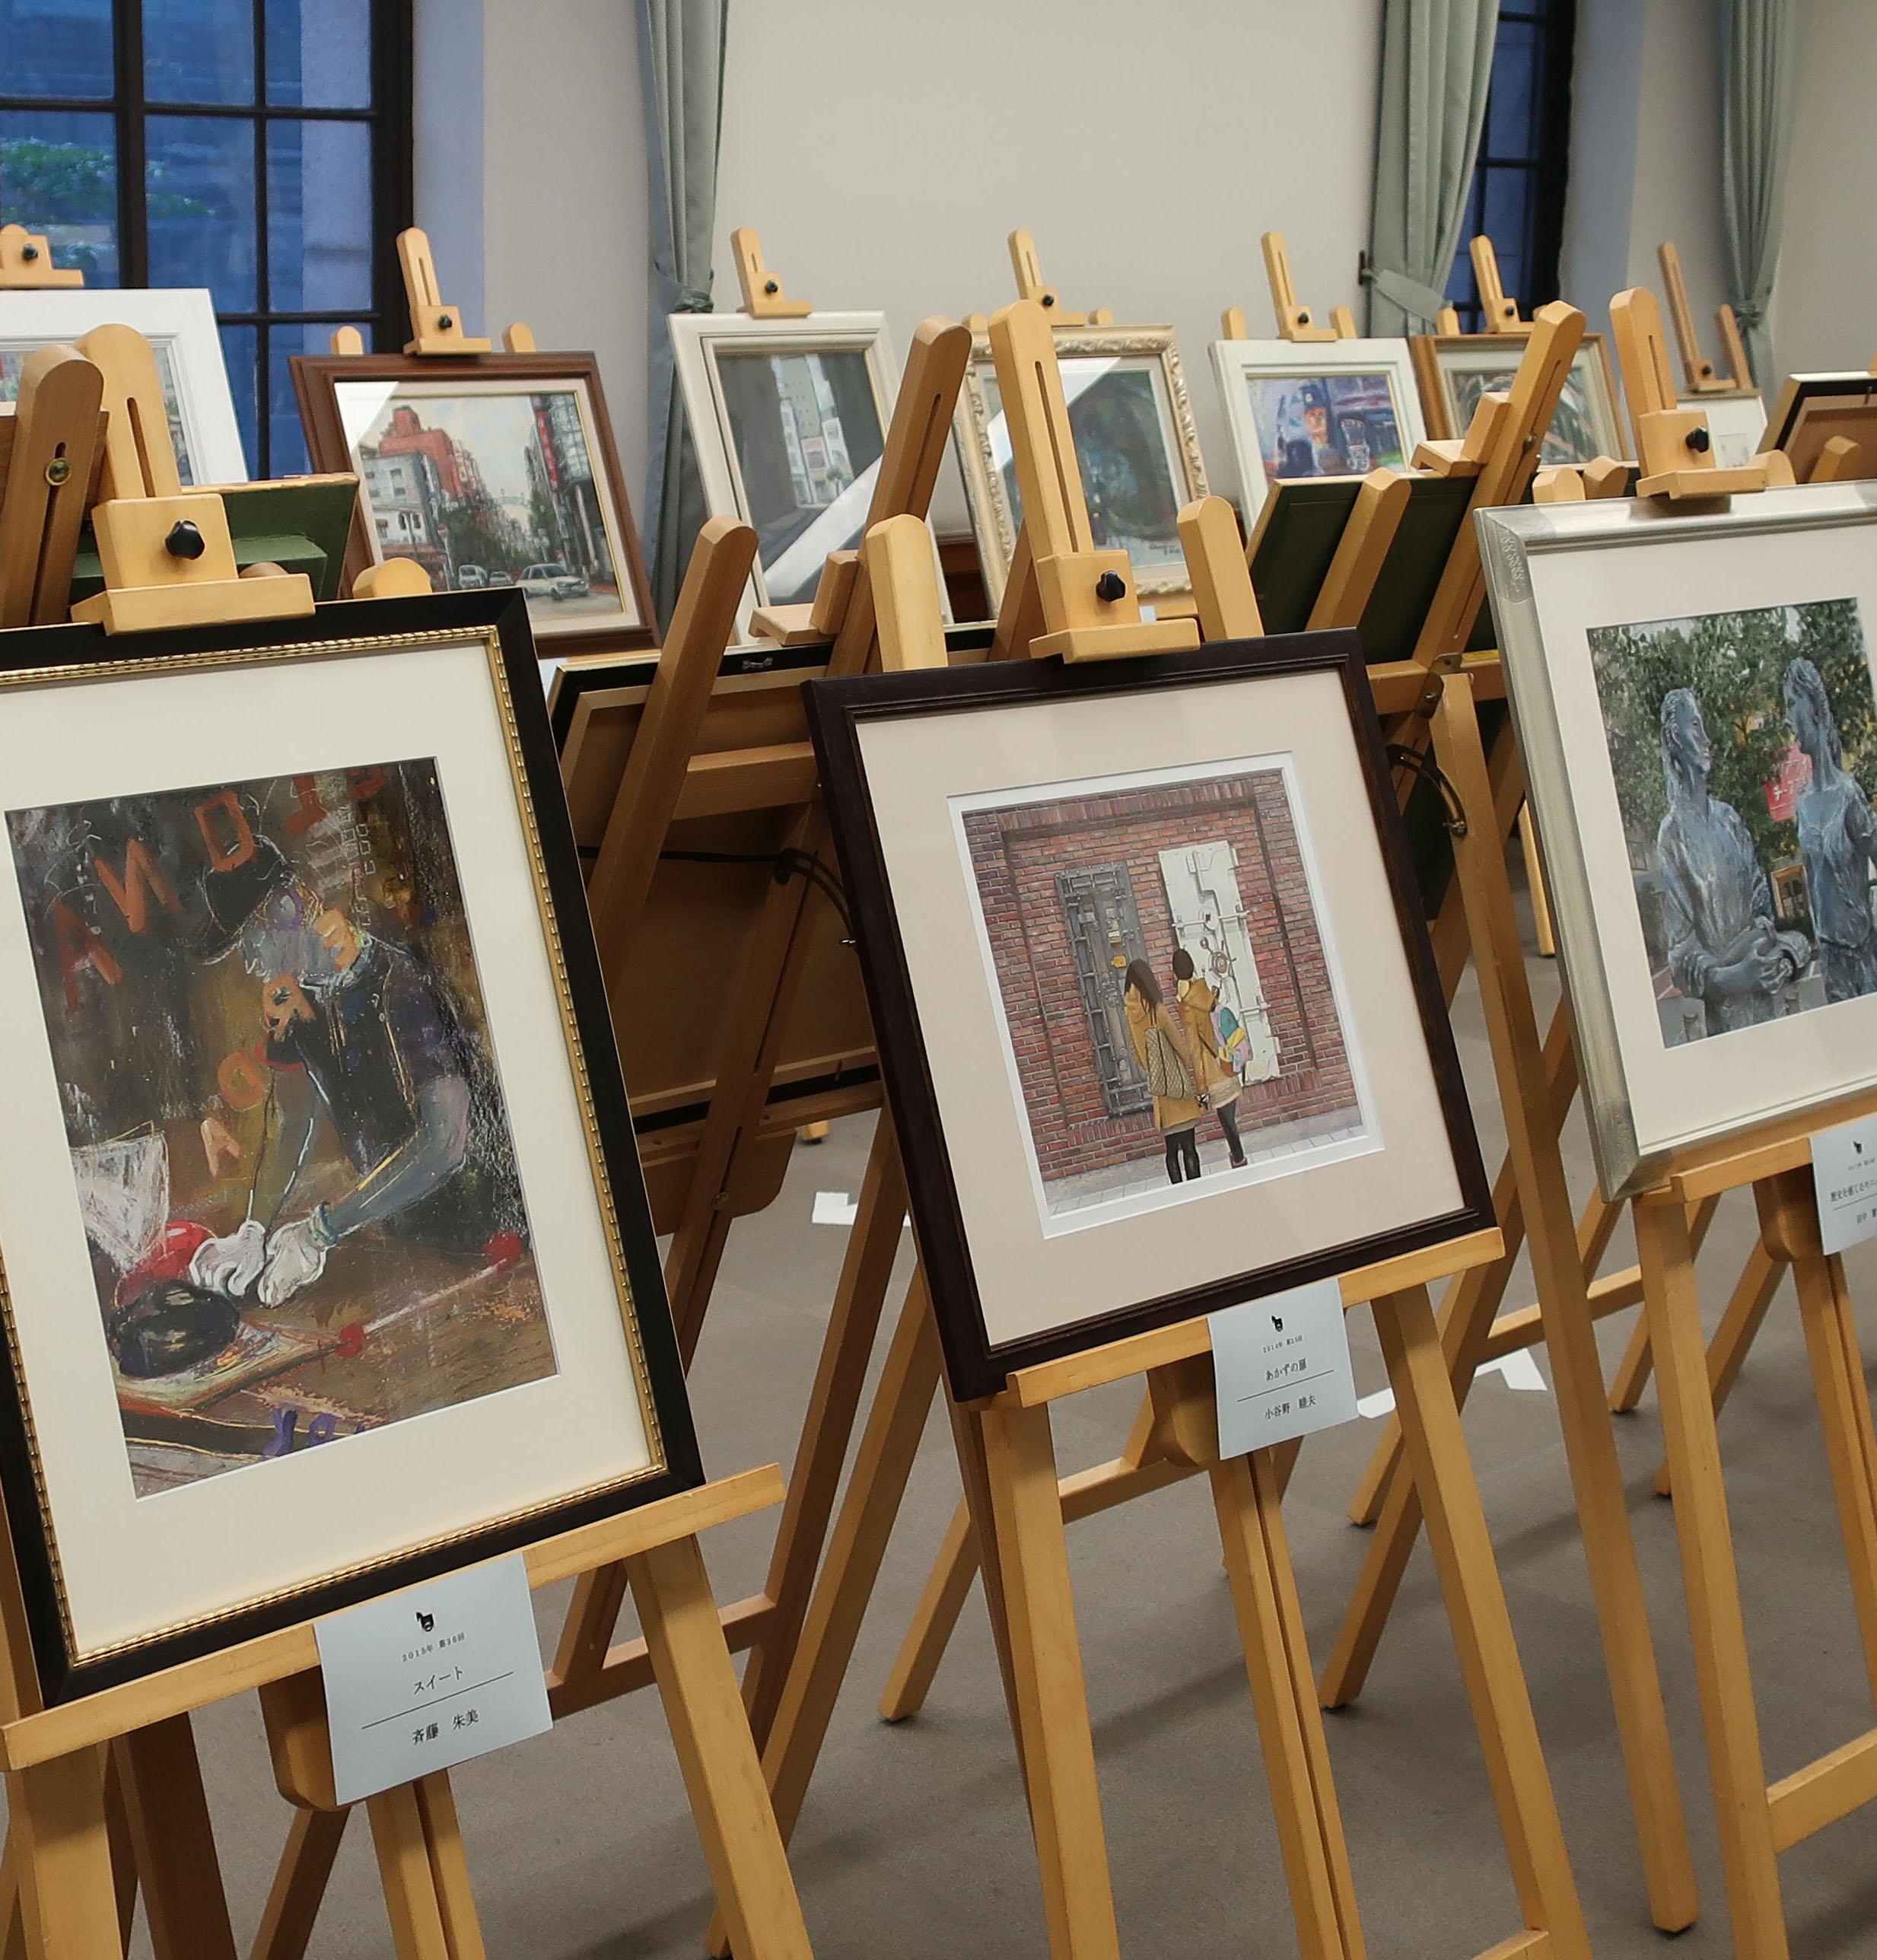 11月5日(木)まで当館1階会議室で「馬車道を描く日曜画家展 歴代金賞作品展」を開催中です。